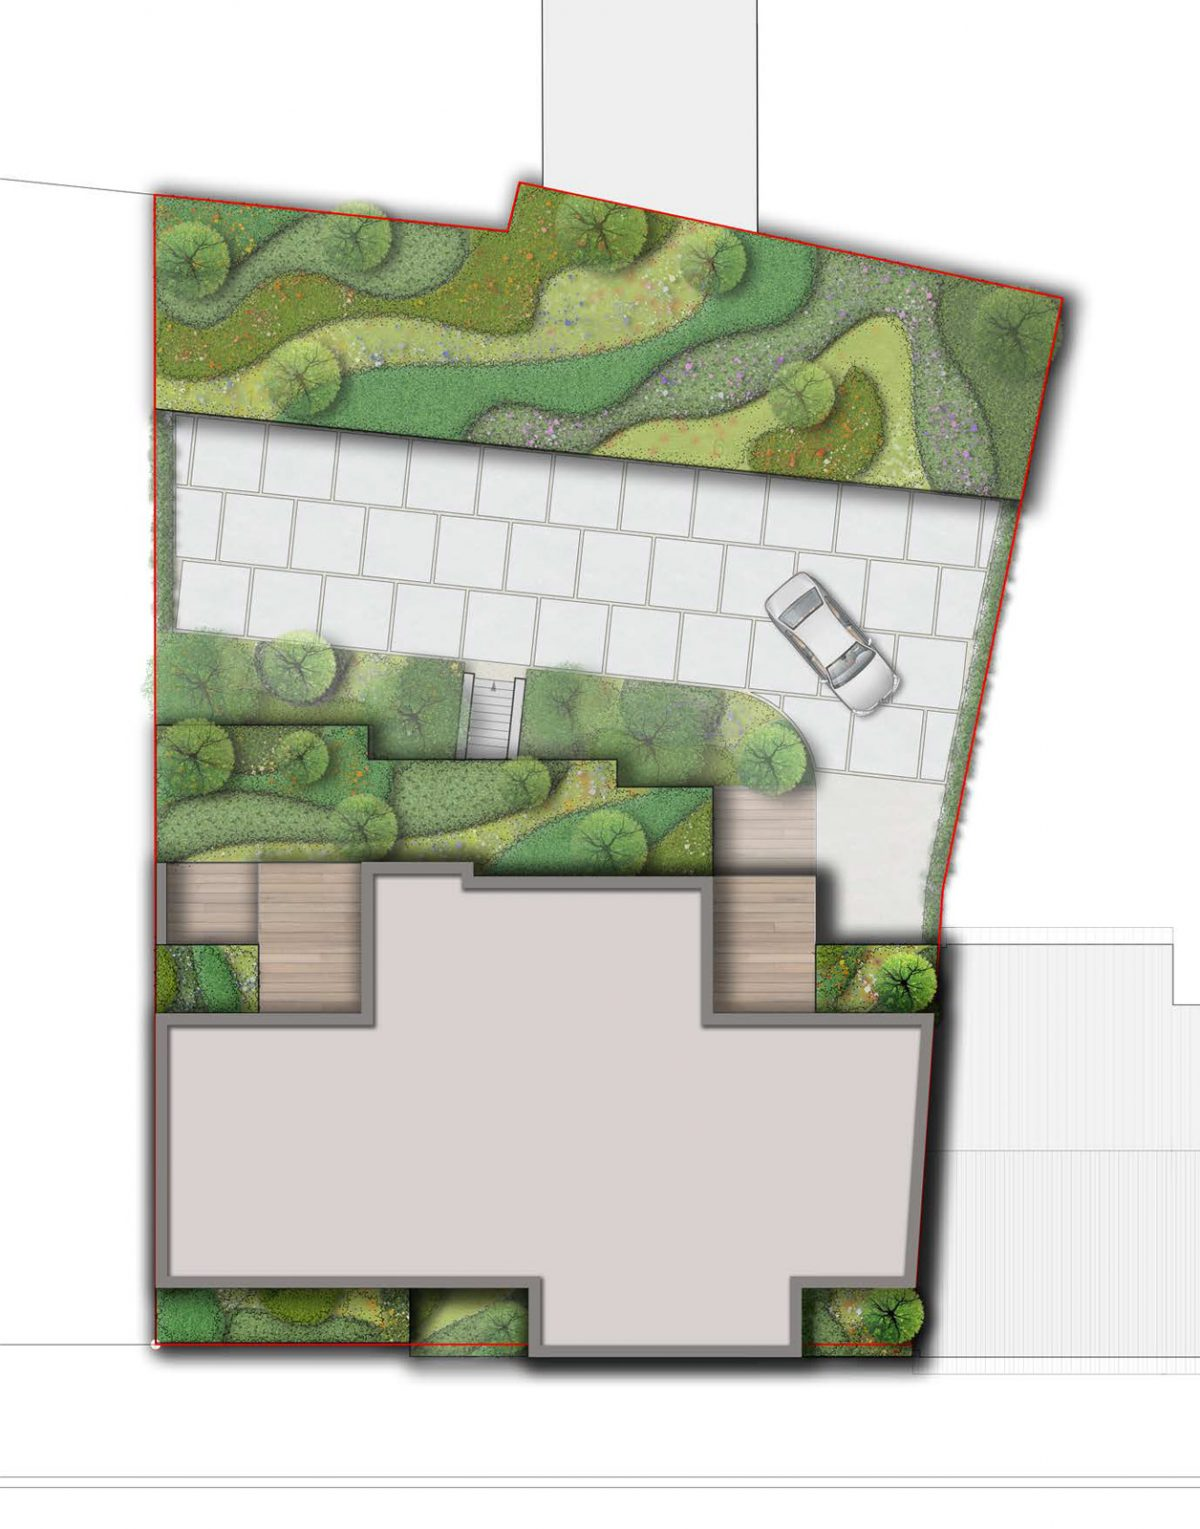 Sfeerbeeld van een tekenplan voor het woonproject in Brustem